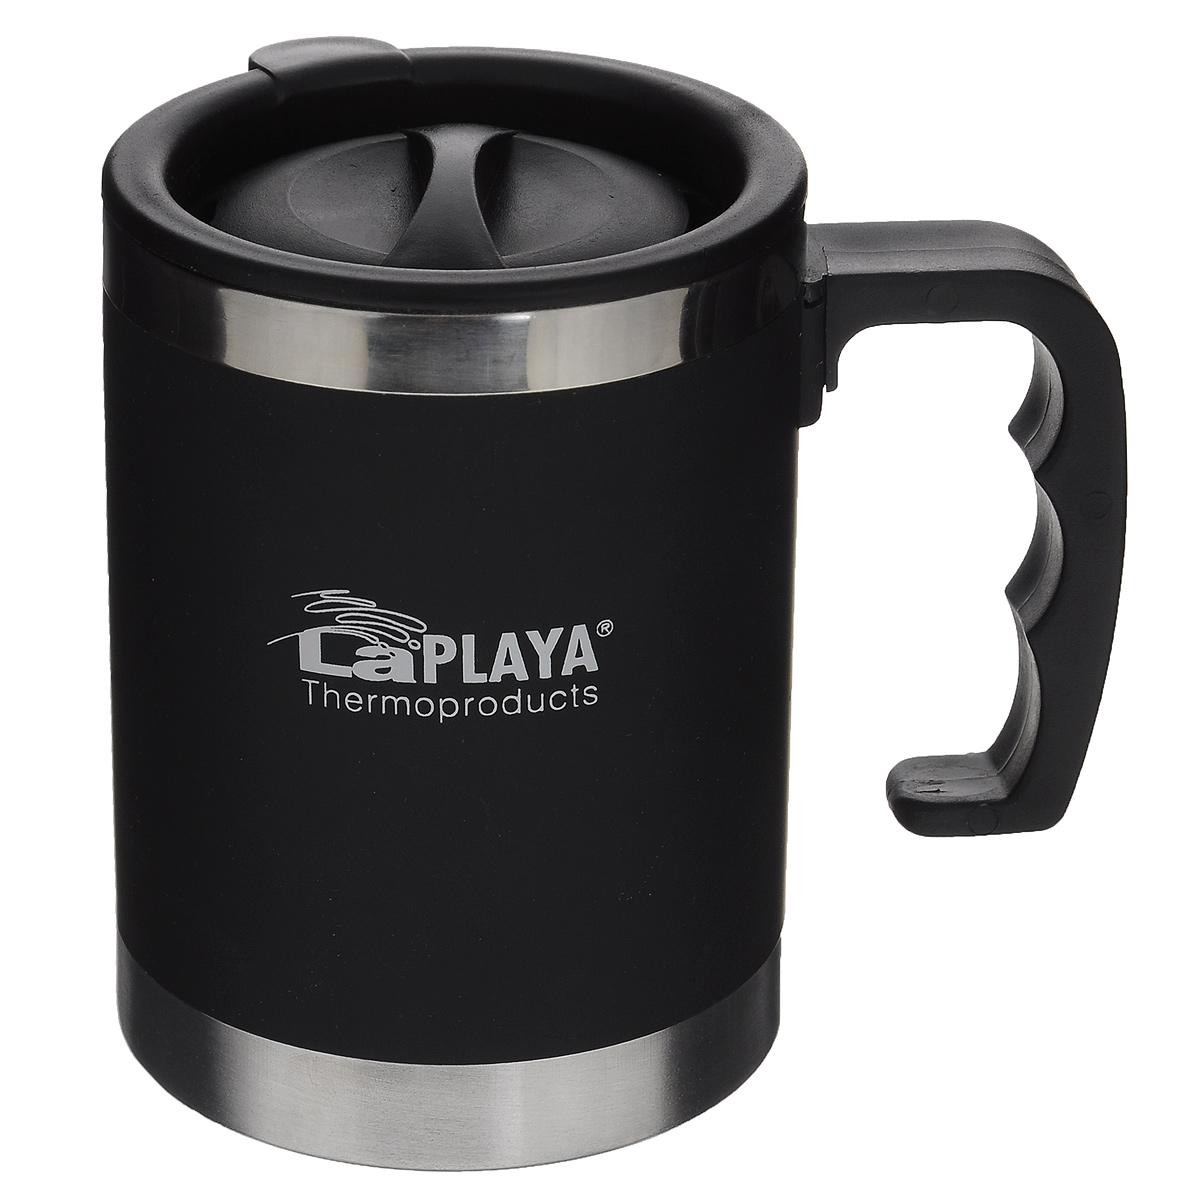 Термокружка LaPlaya TRM 3000, цвет: черный, 400 мл560020Термокружка LaPlaya TRM 3000 изготовлена из пластика и нержавеющей стали. Изделие оснащено крышкой с поворотным механизмом, позволяющим использовать кружку для питья, не снимая крышку. Кружка снабжена эргономичной ручкой. Двойные стенки сохраняют тепло в течение 1 часа, холод - 2-х часов. Термокружка подходит к большинству автомобильных держателей стаканов. Диаметр (по верхнему краю): 8 см. Высота (с учетом крышки): 11,5 см.